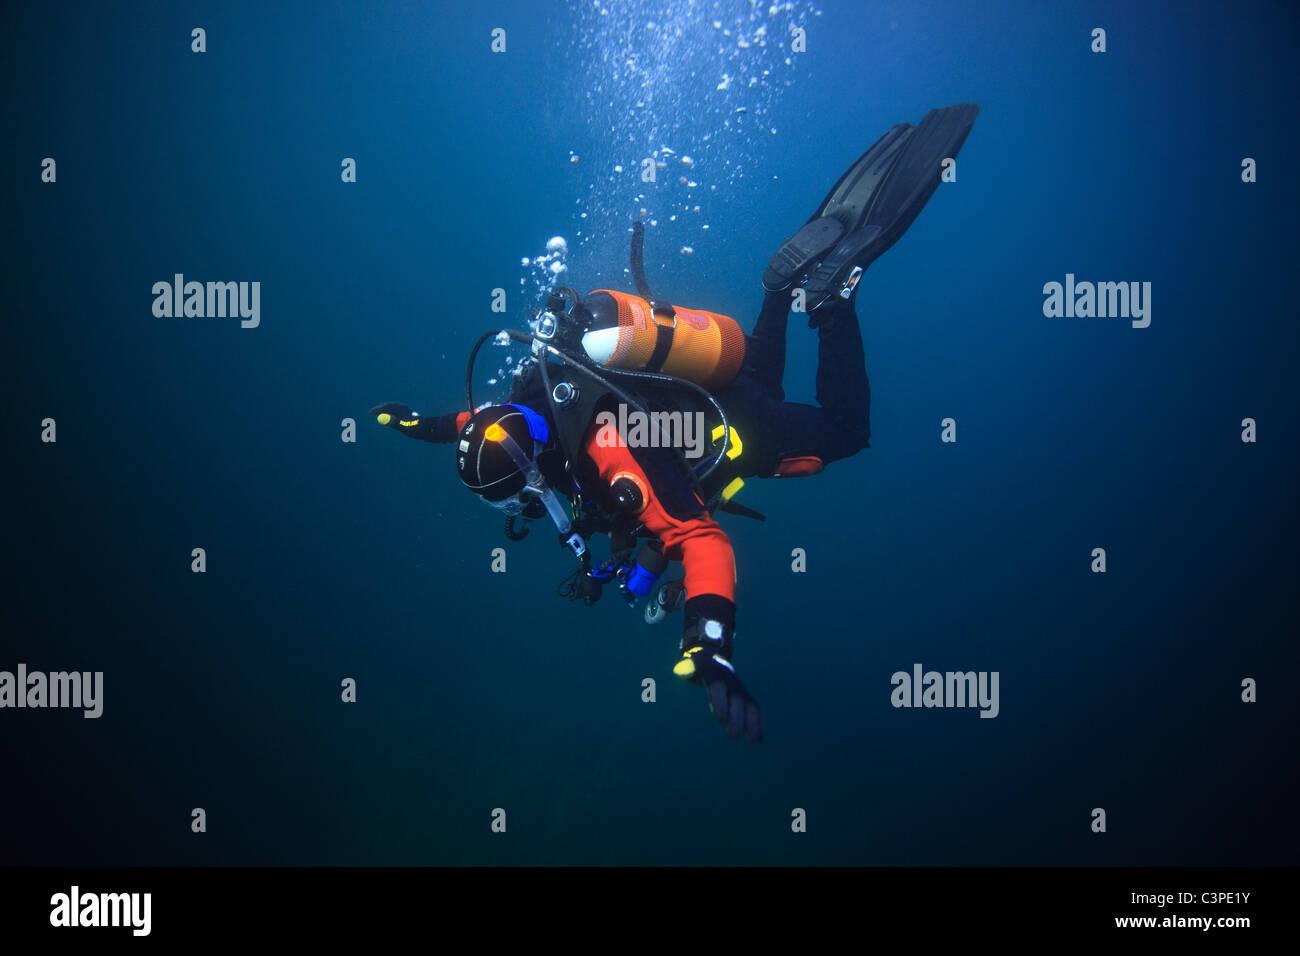 A scuba diver descends into the blue in the sea off St. Abbs, Scotland. - Stock Image